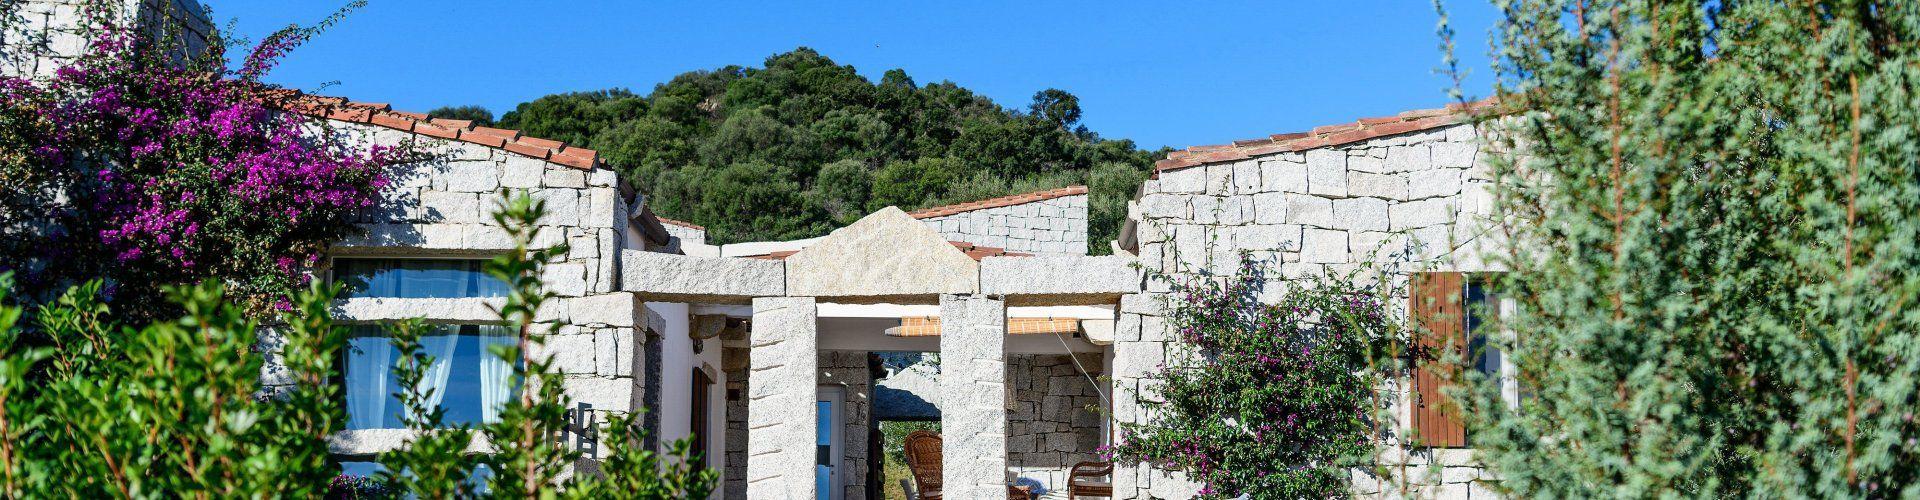 Familienfreundliche Villa mit Traumterrasse im Südosten Sardiniens